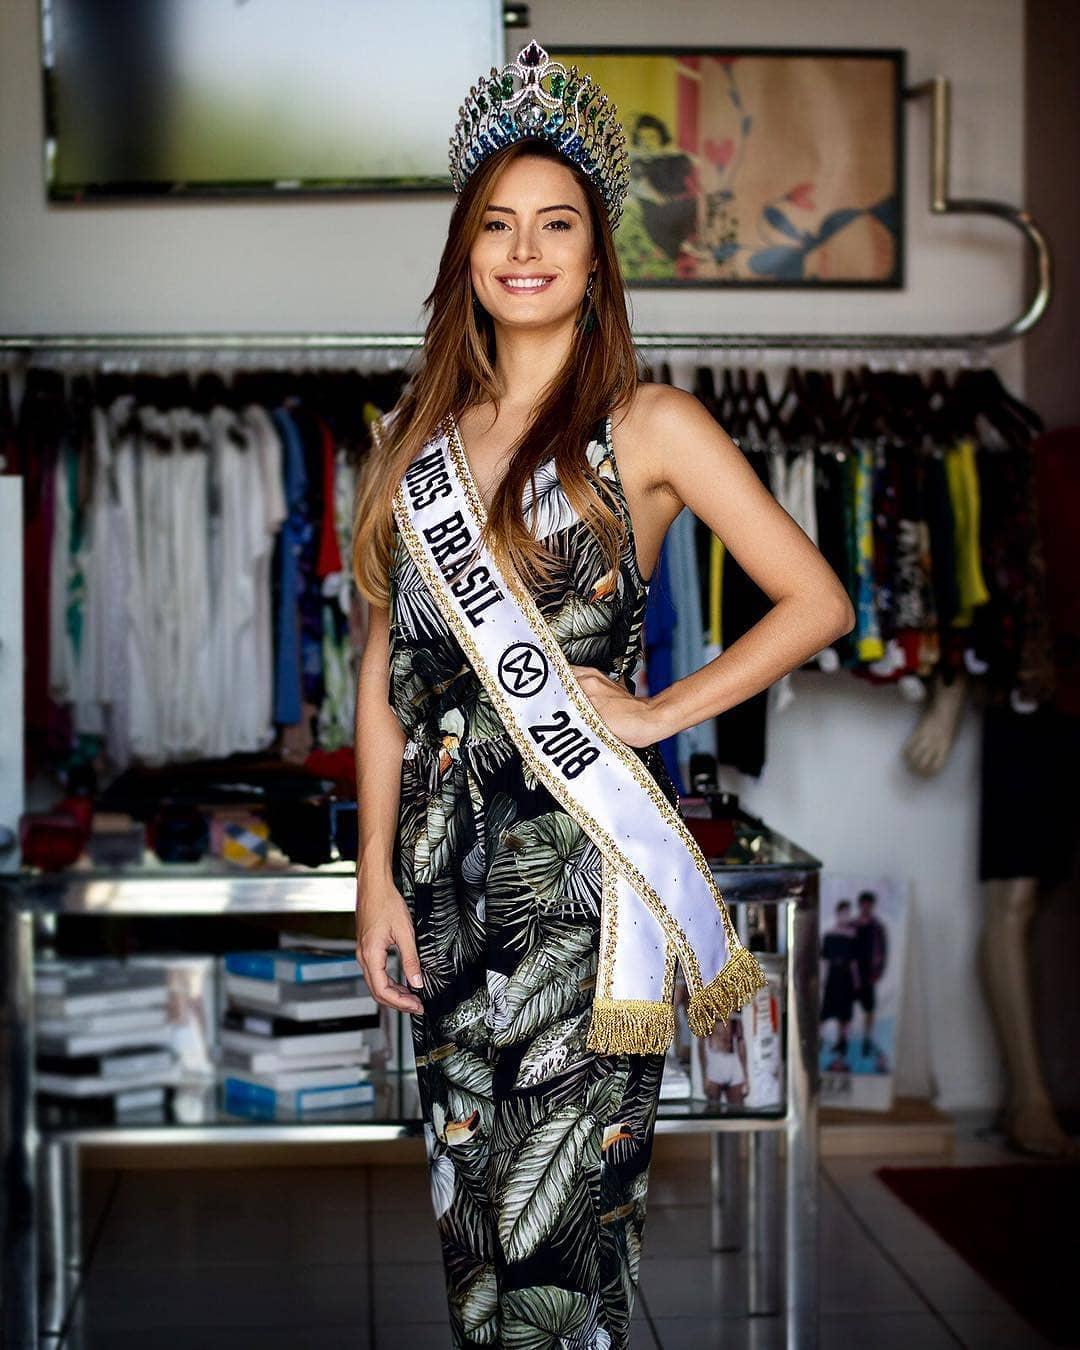 jessica carvalho, miss brasil mundo 2018. - Página 11 38656210